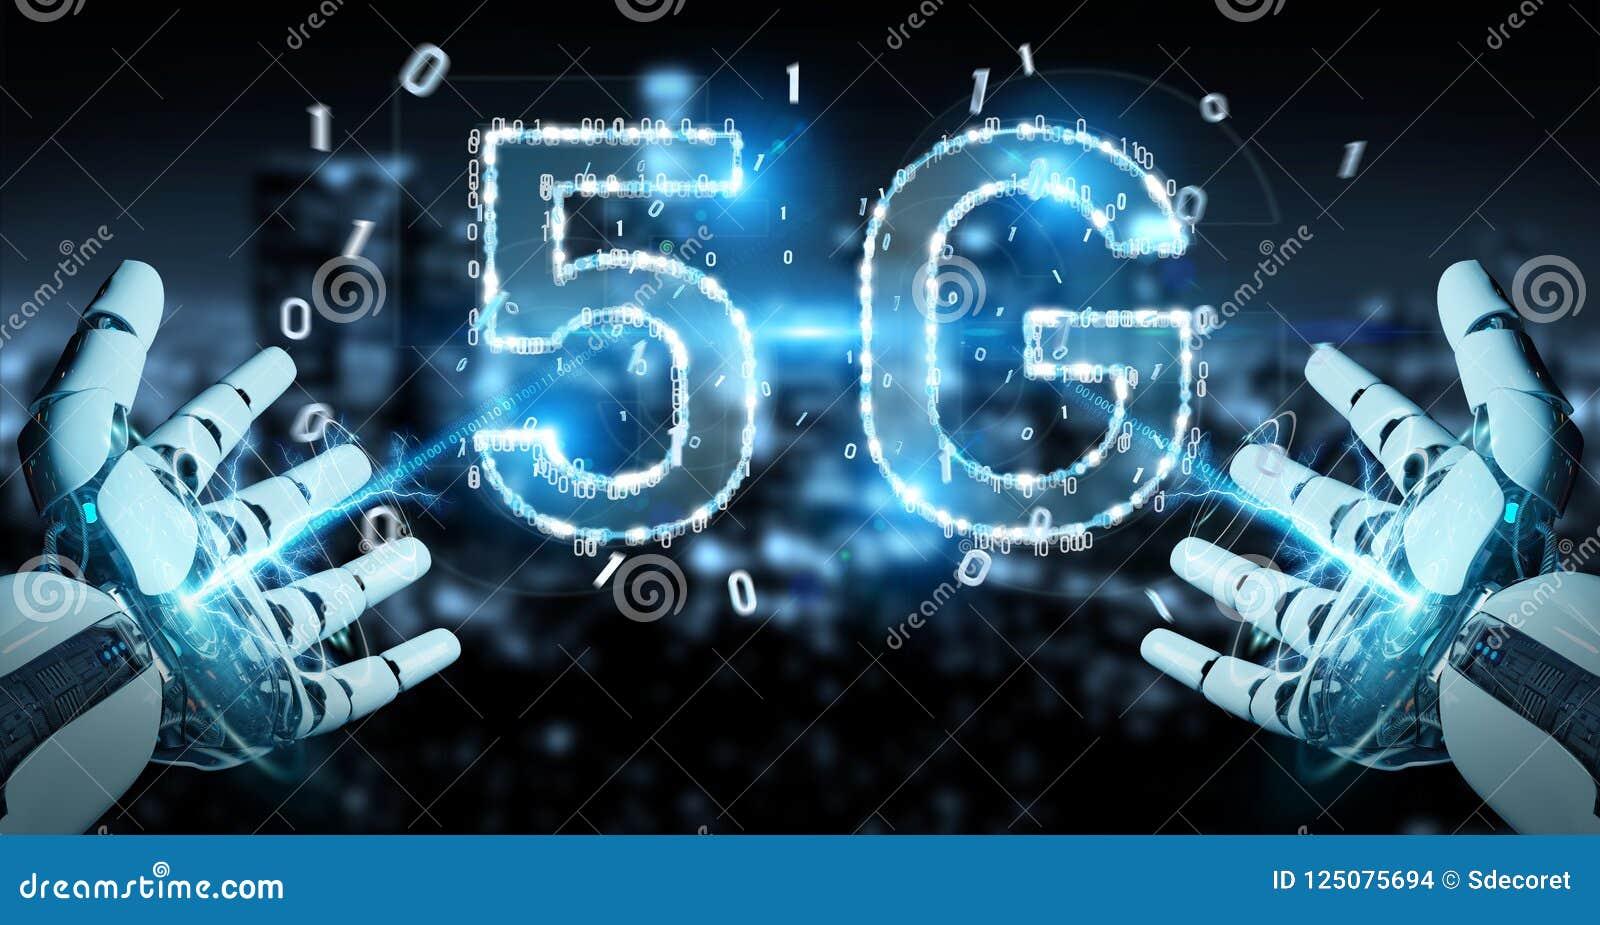 Mano blanca del cyborg usando la representación digital del holograma 3D de la red 5G